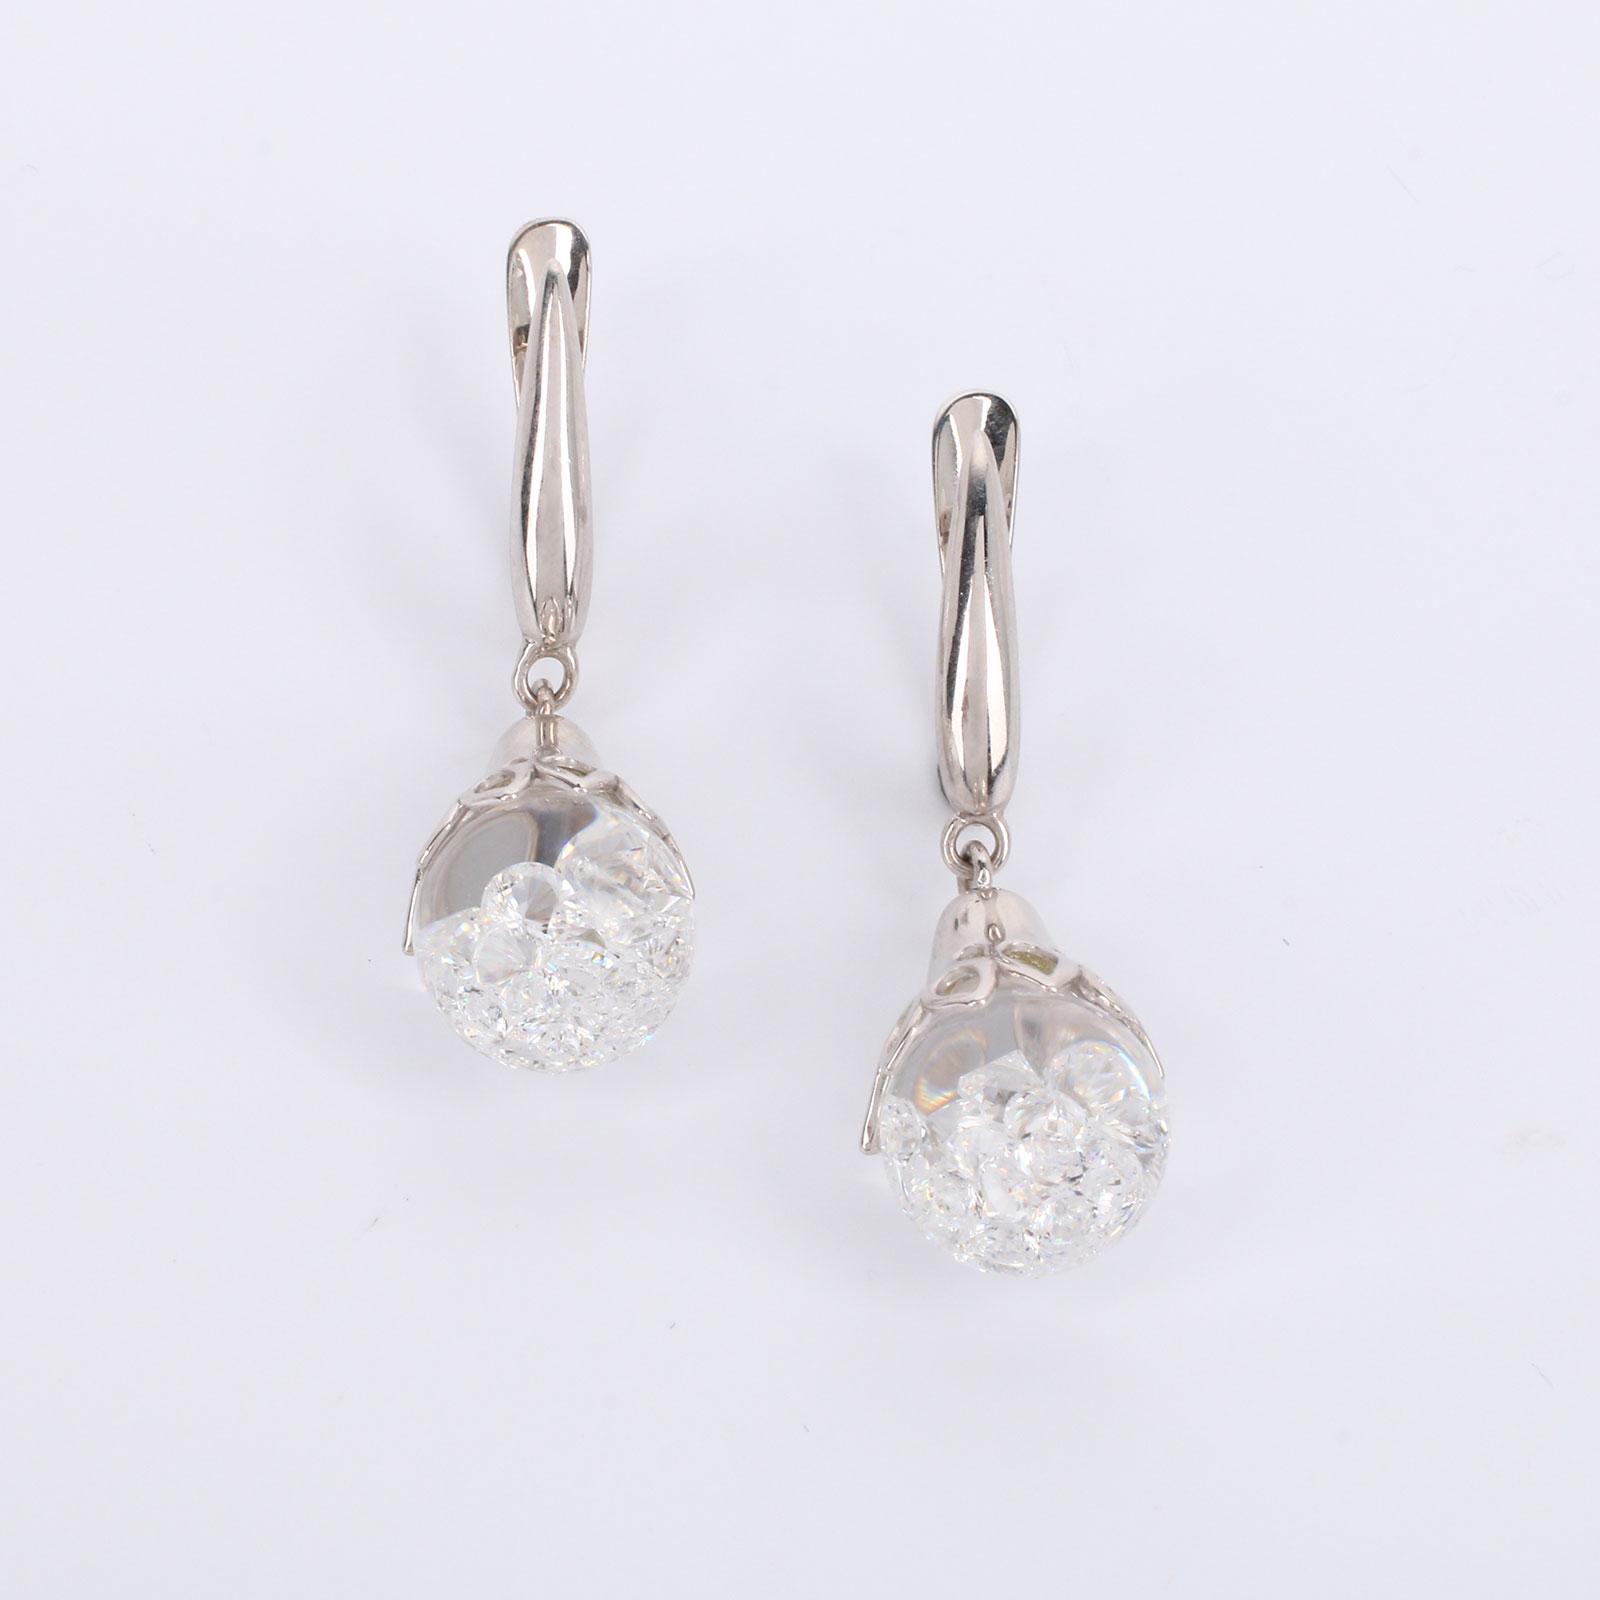 Серебряные серьги Нежность бутона серьги с подвесками эстет серебряные серьги с куб циркониями и пластиком est01с2510678 10z